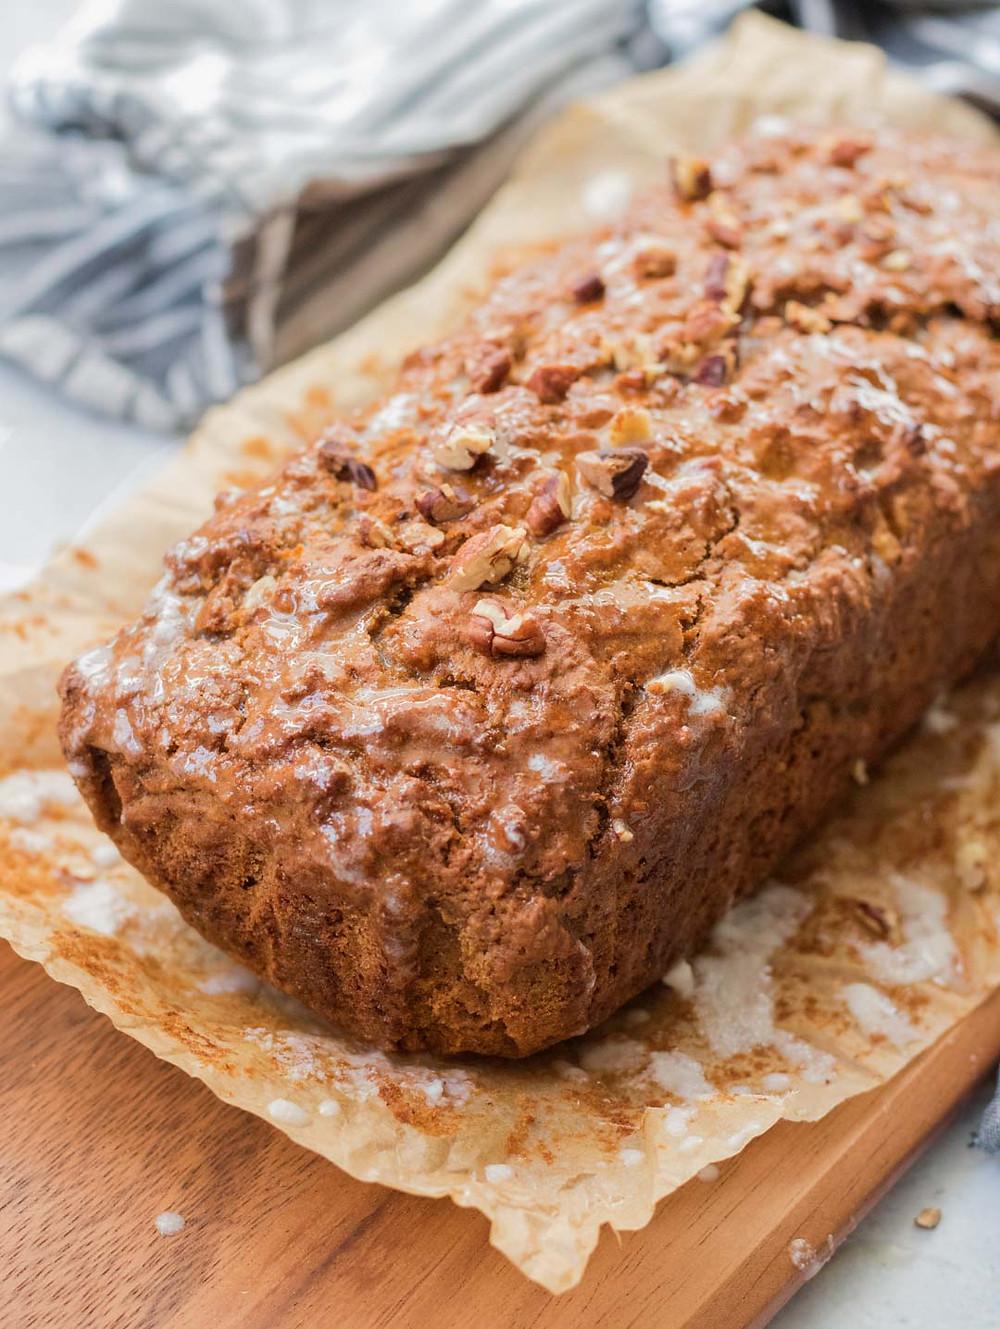 עוגת גזר טבעונית ורכה מקמח כוסמין מלא עוגה טבעונית ליד הקפה